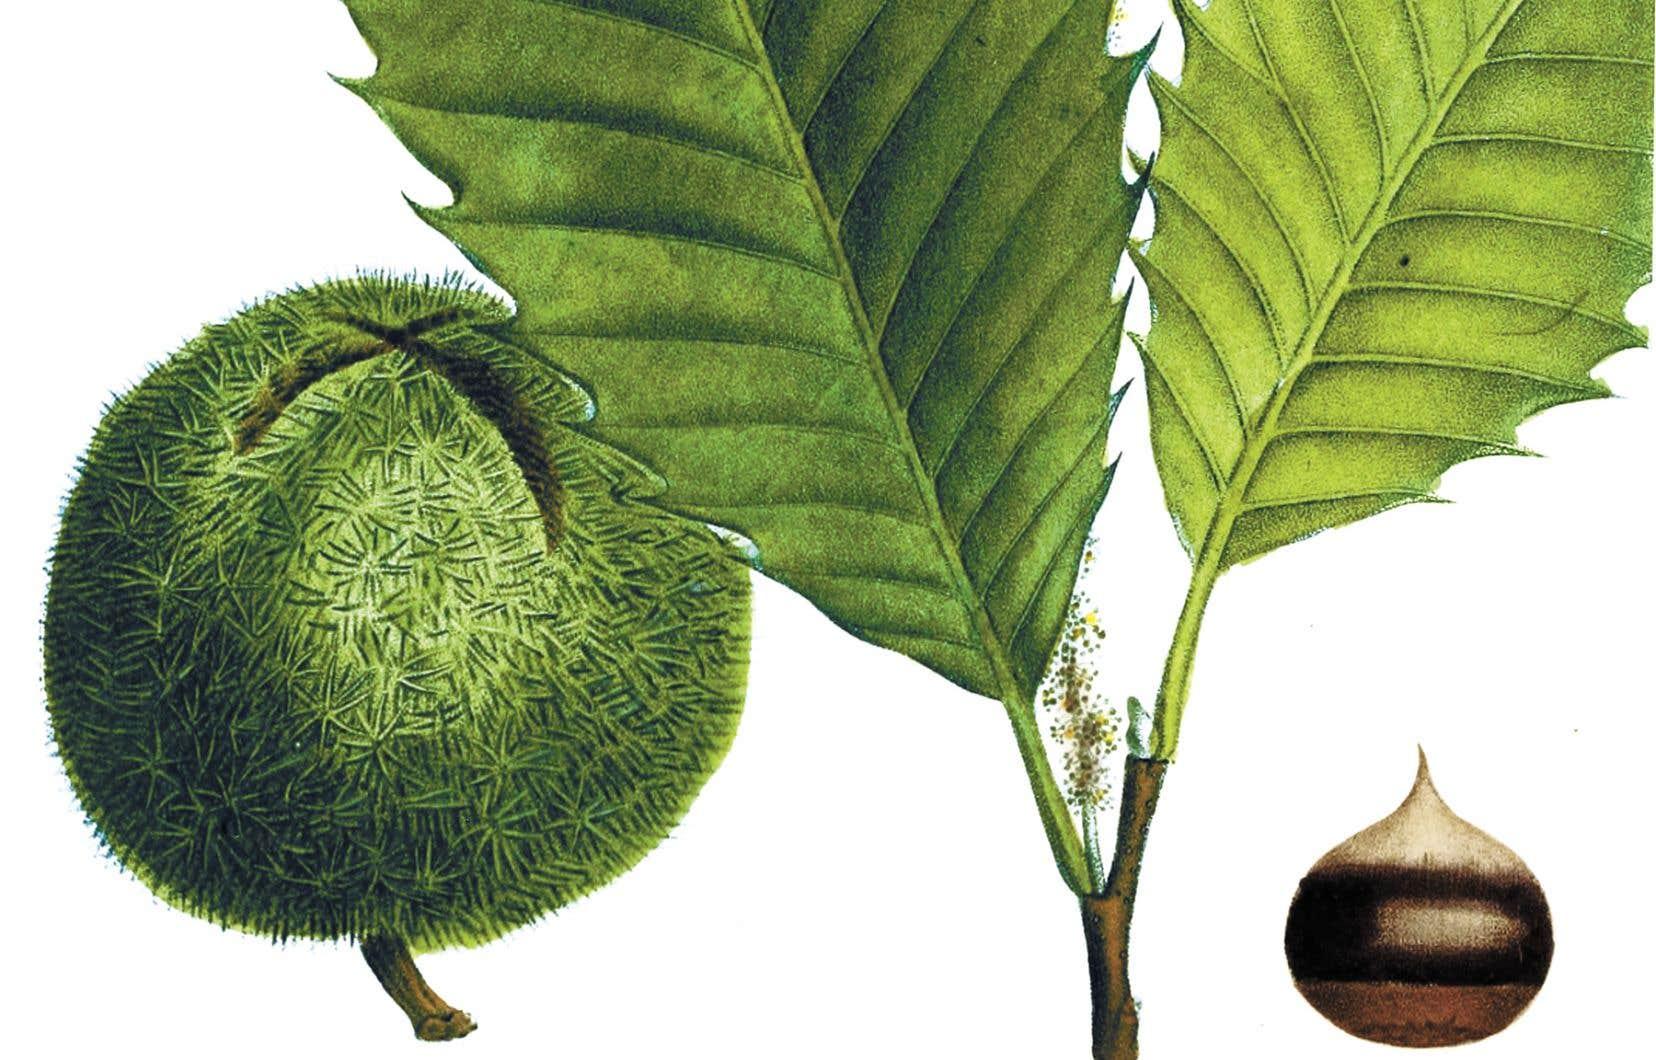 Le châtaignier américain («Castanea dentata»), illustration tirée d'«Histoire des arbres forestiers de l'Amérique septentrionale», de François André Michaux